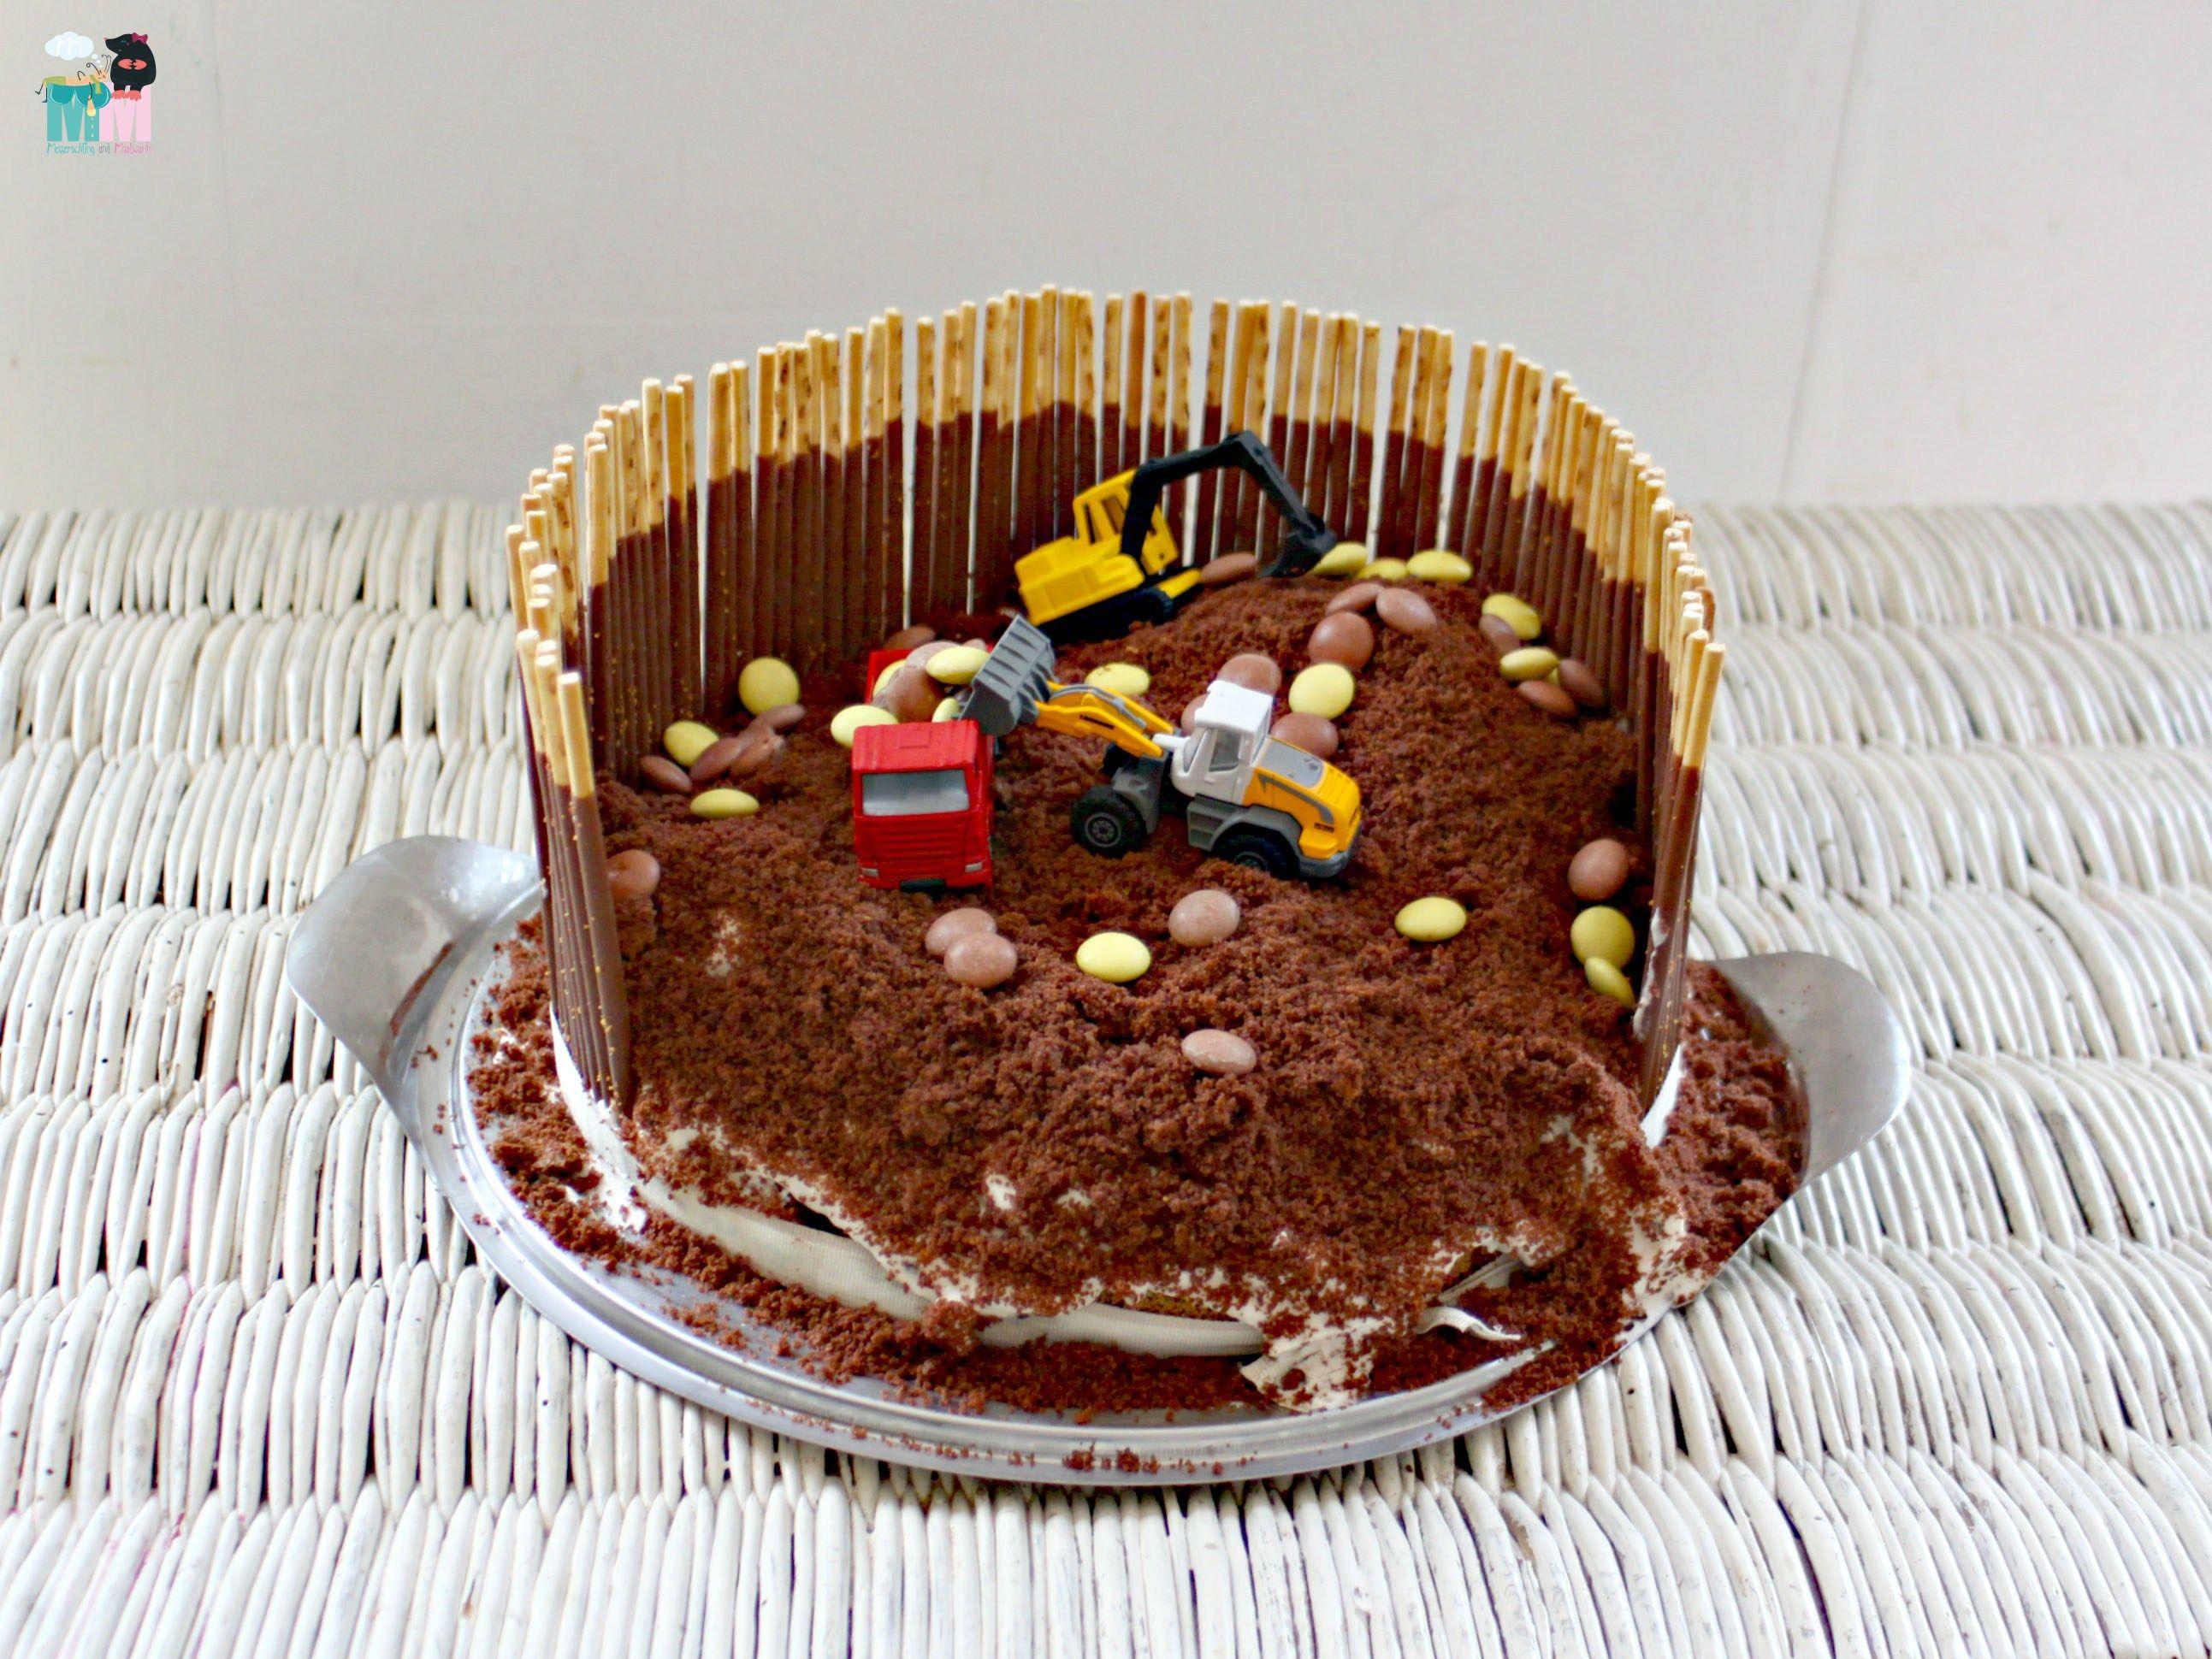 Bagger Kuchen Idee Idiotensicher Metterschling & Maulwurfn